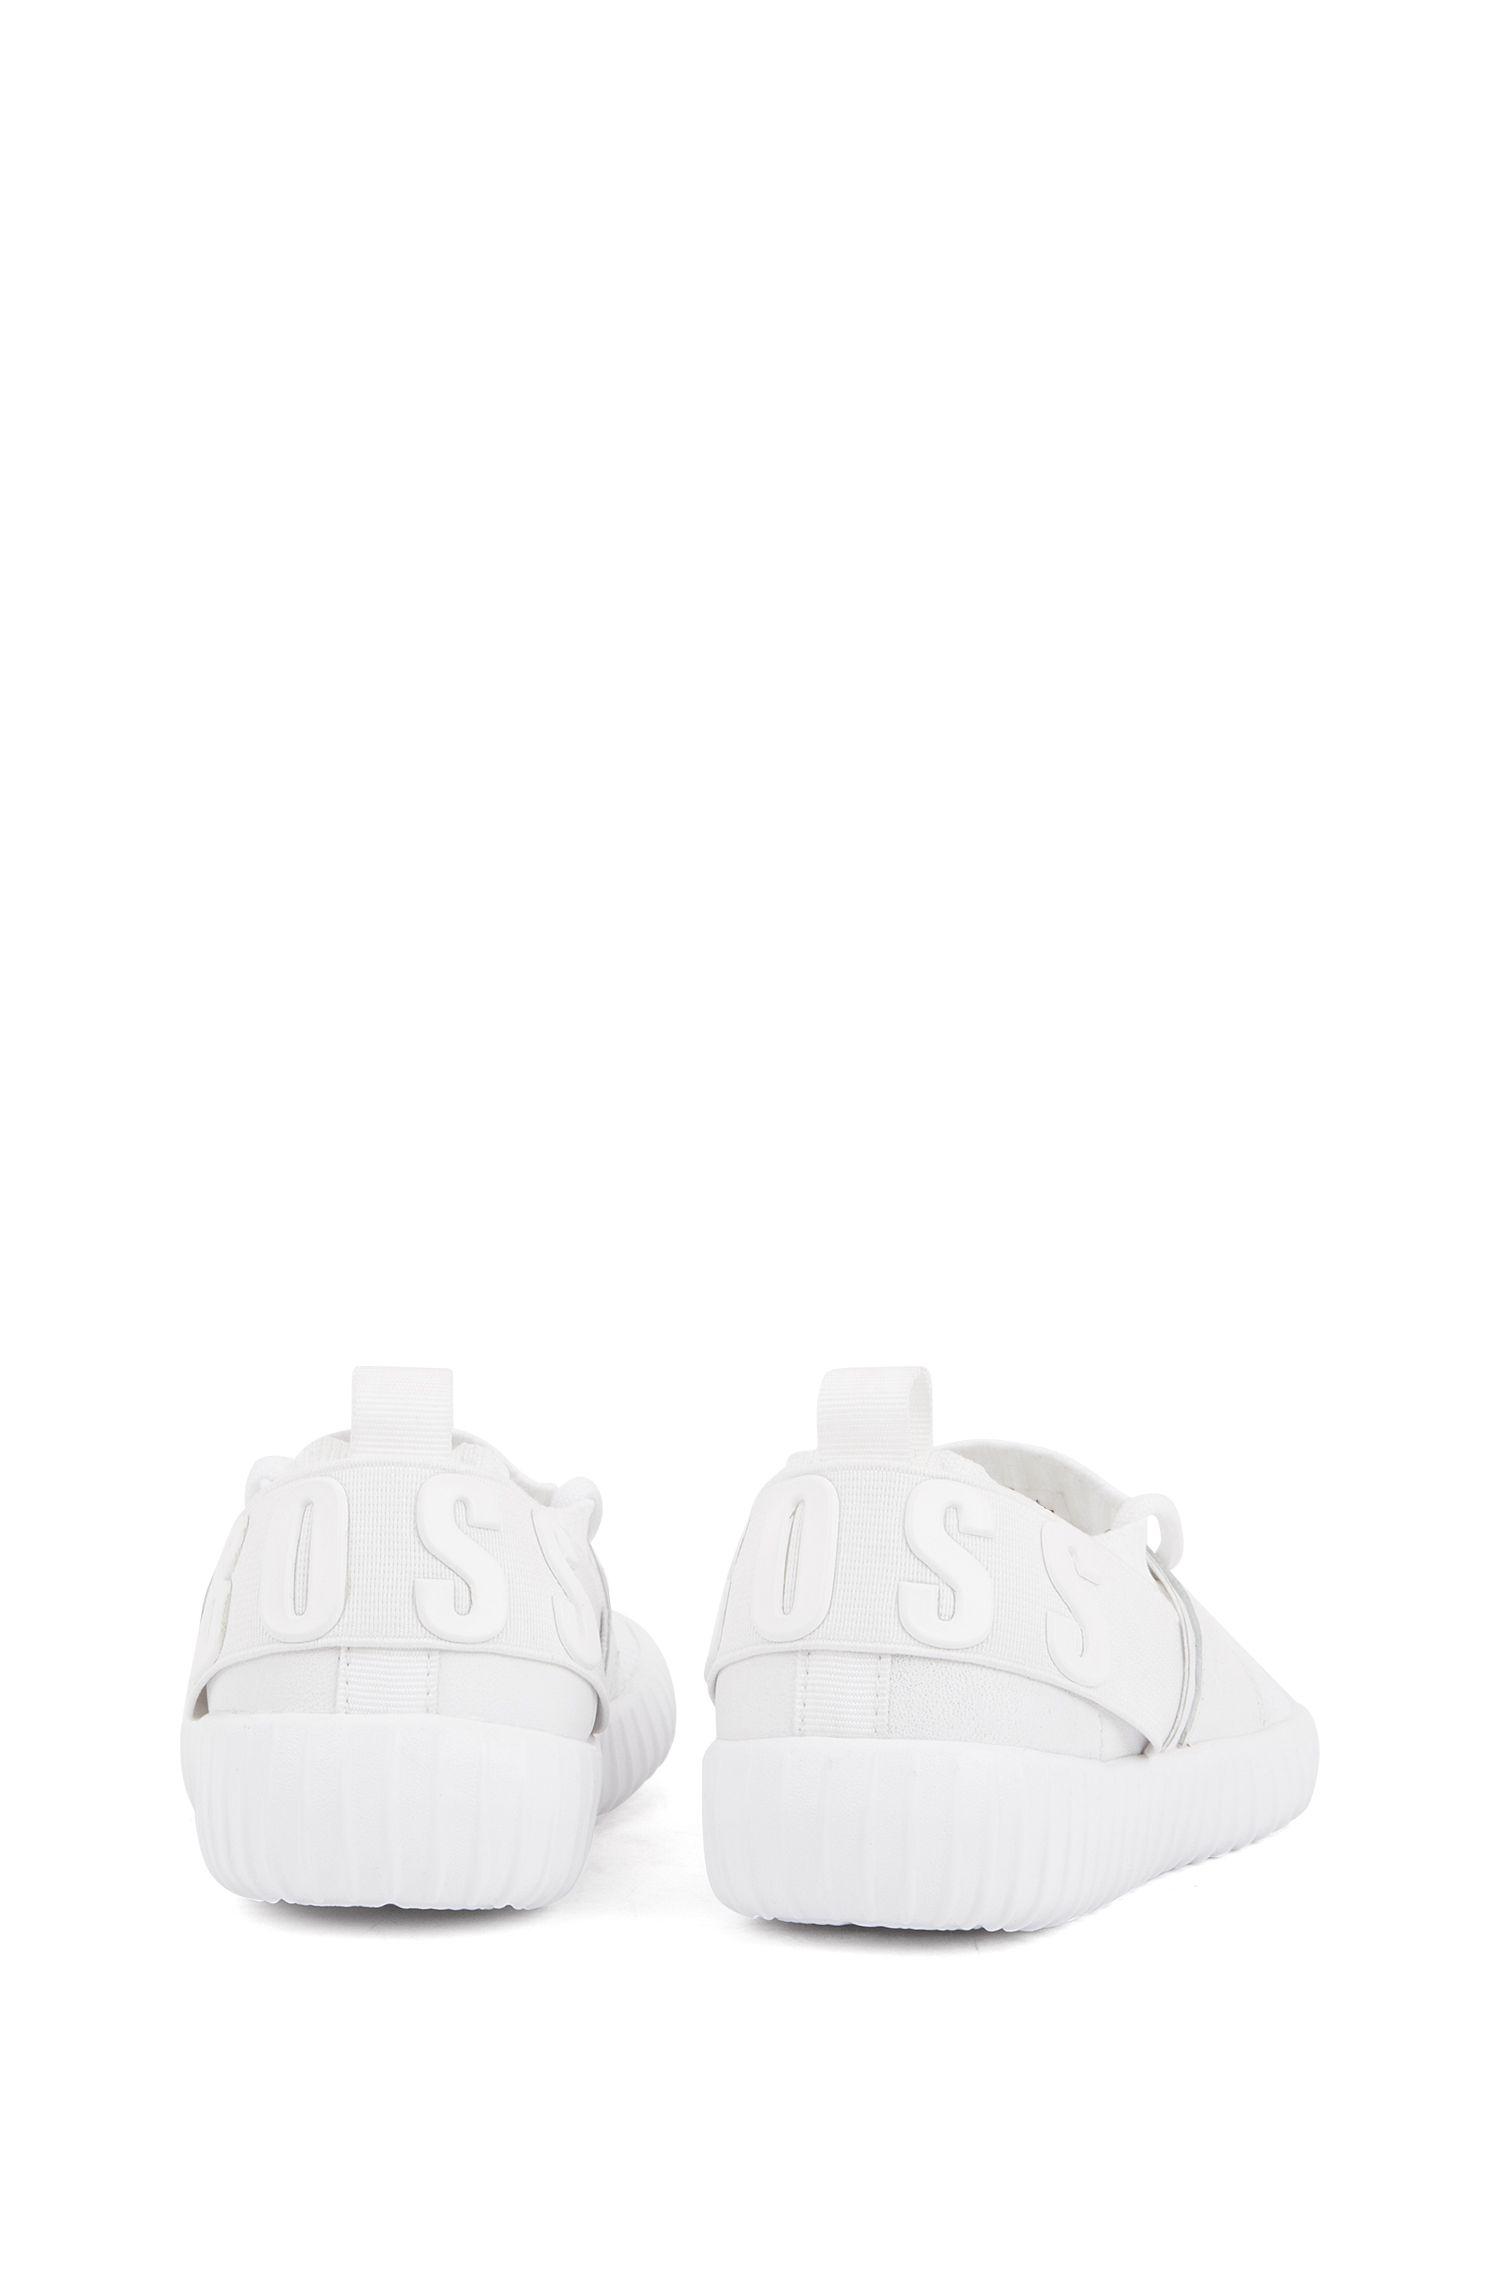 Baskets hybrides pour enfant avec logo en relief, Blanc